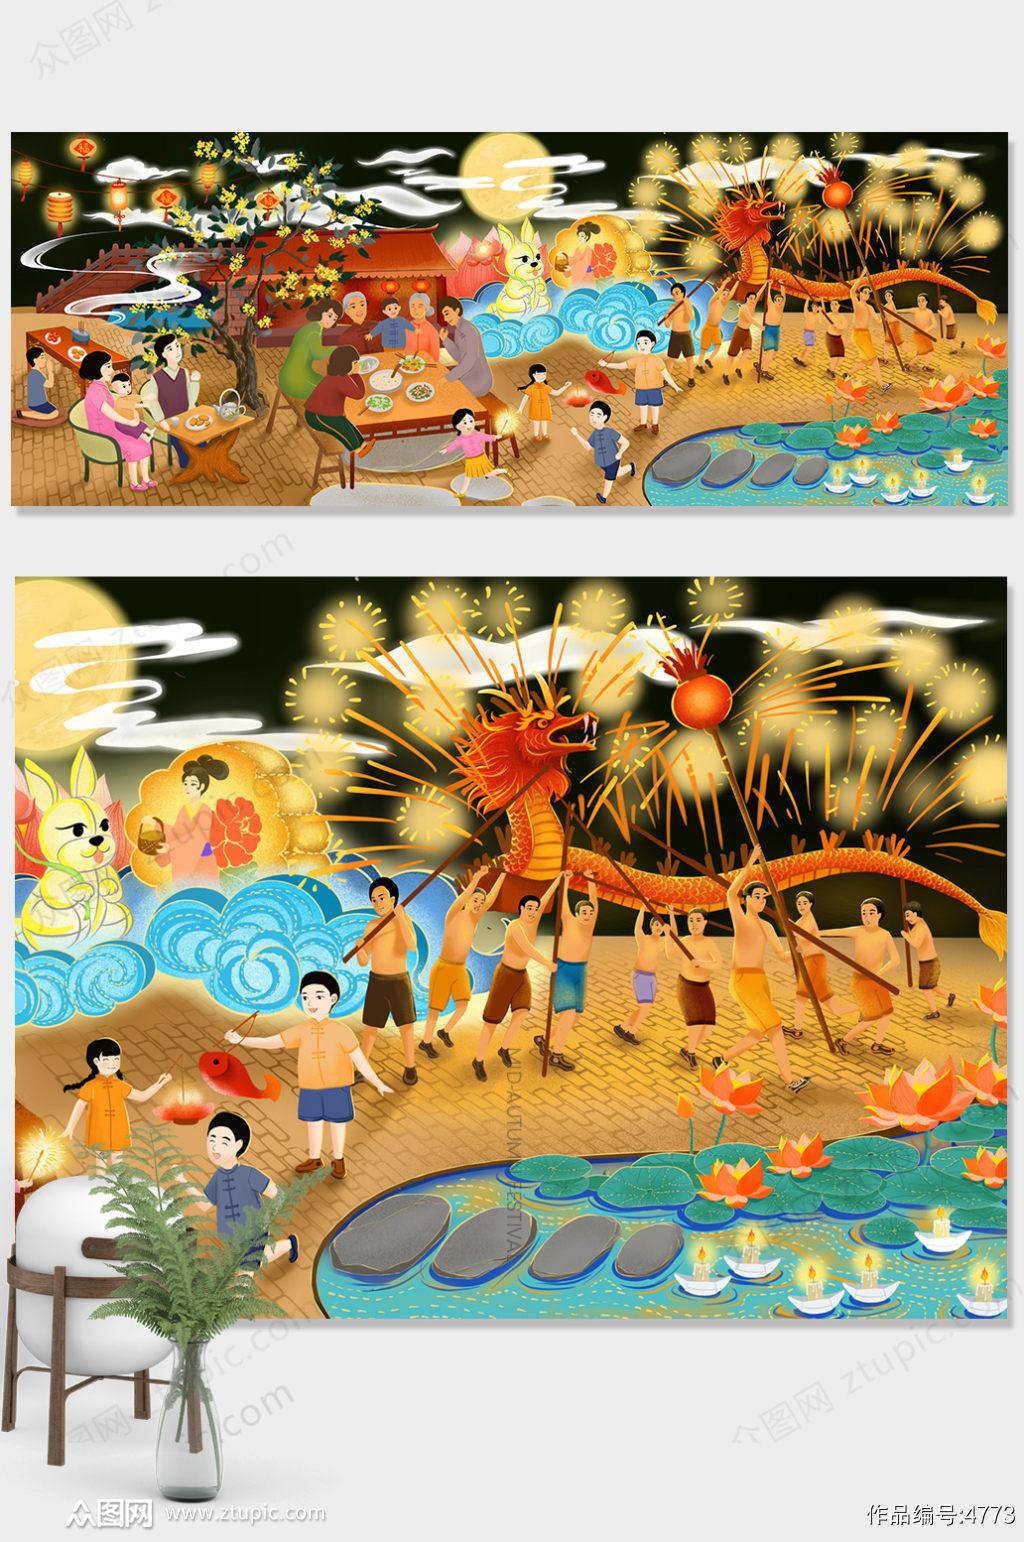 原创插画唯美中秋节商业插画设计素材